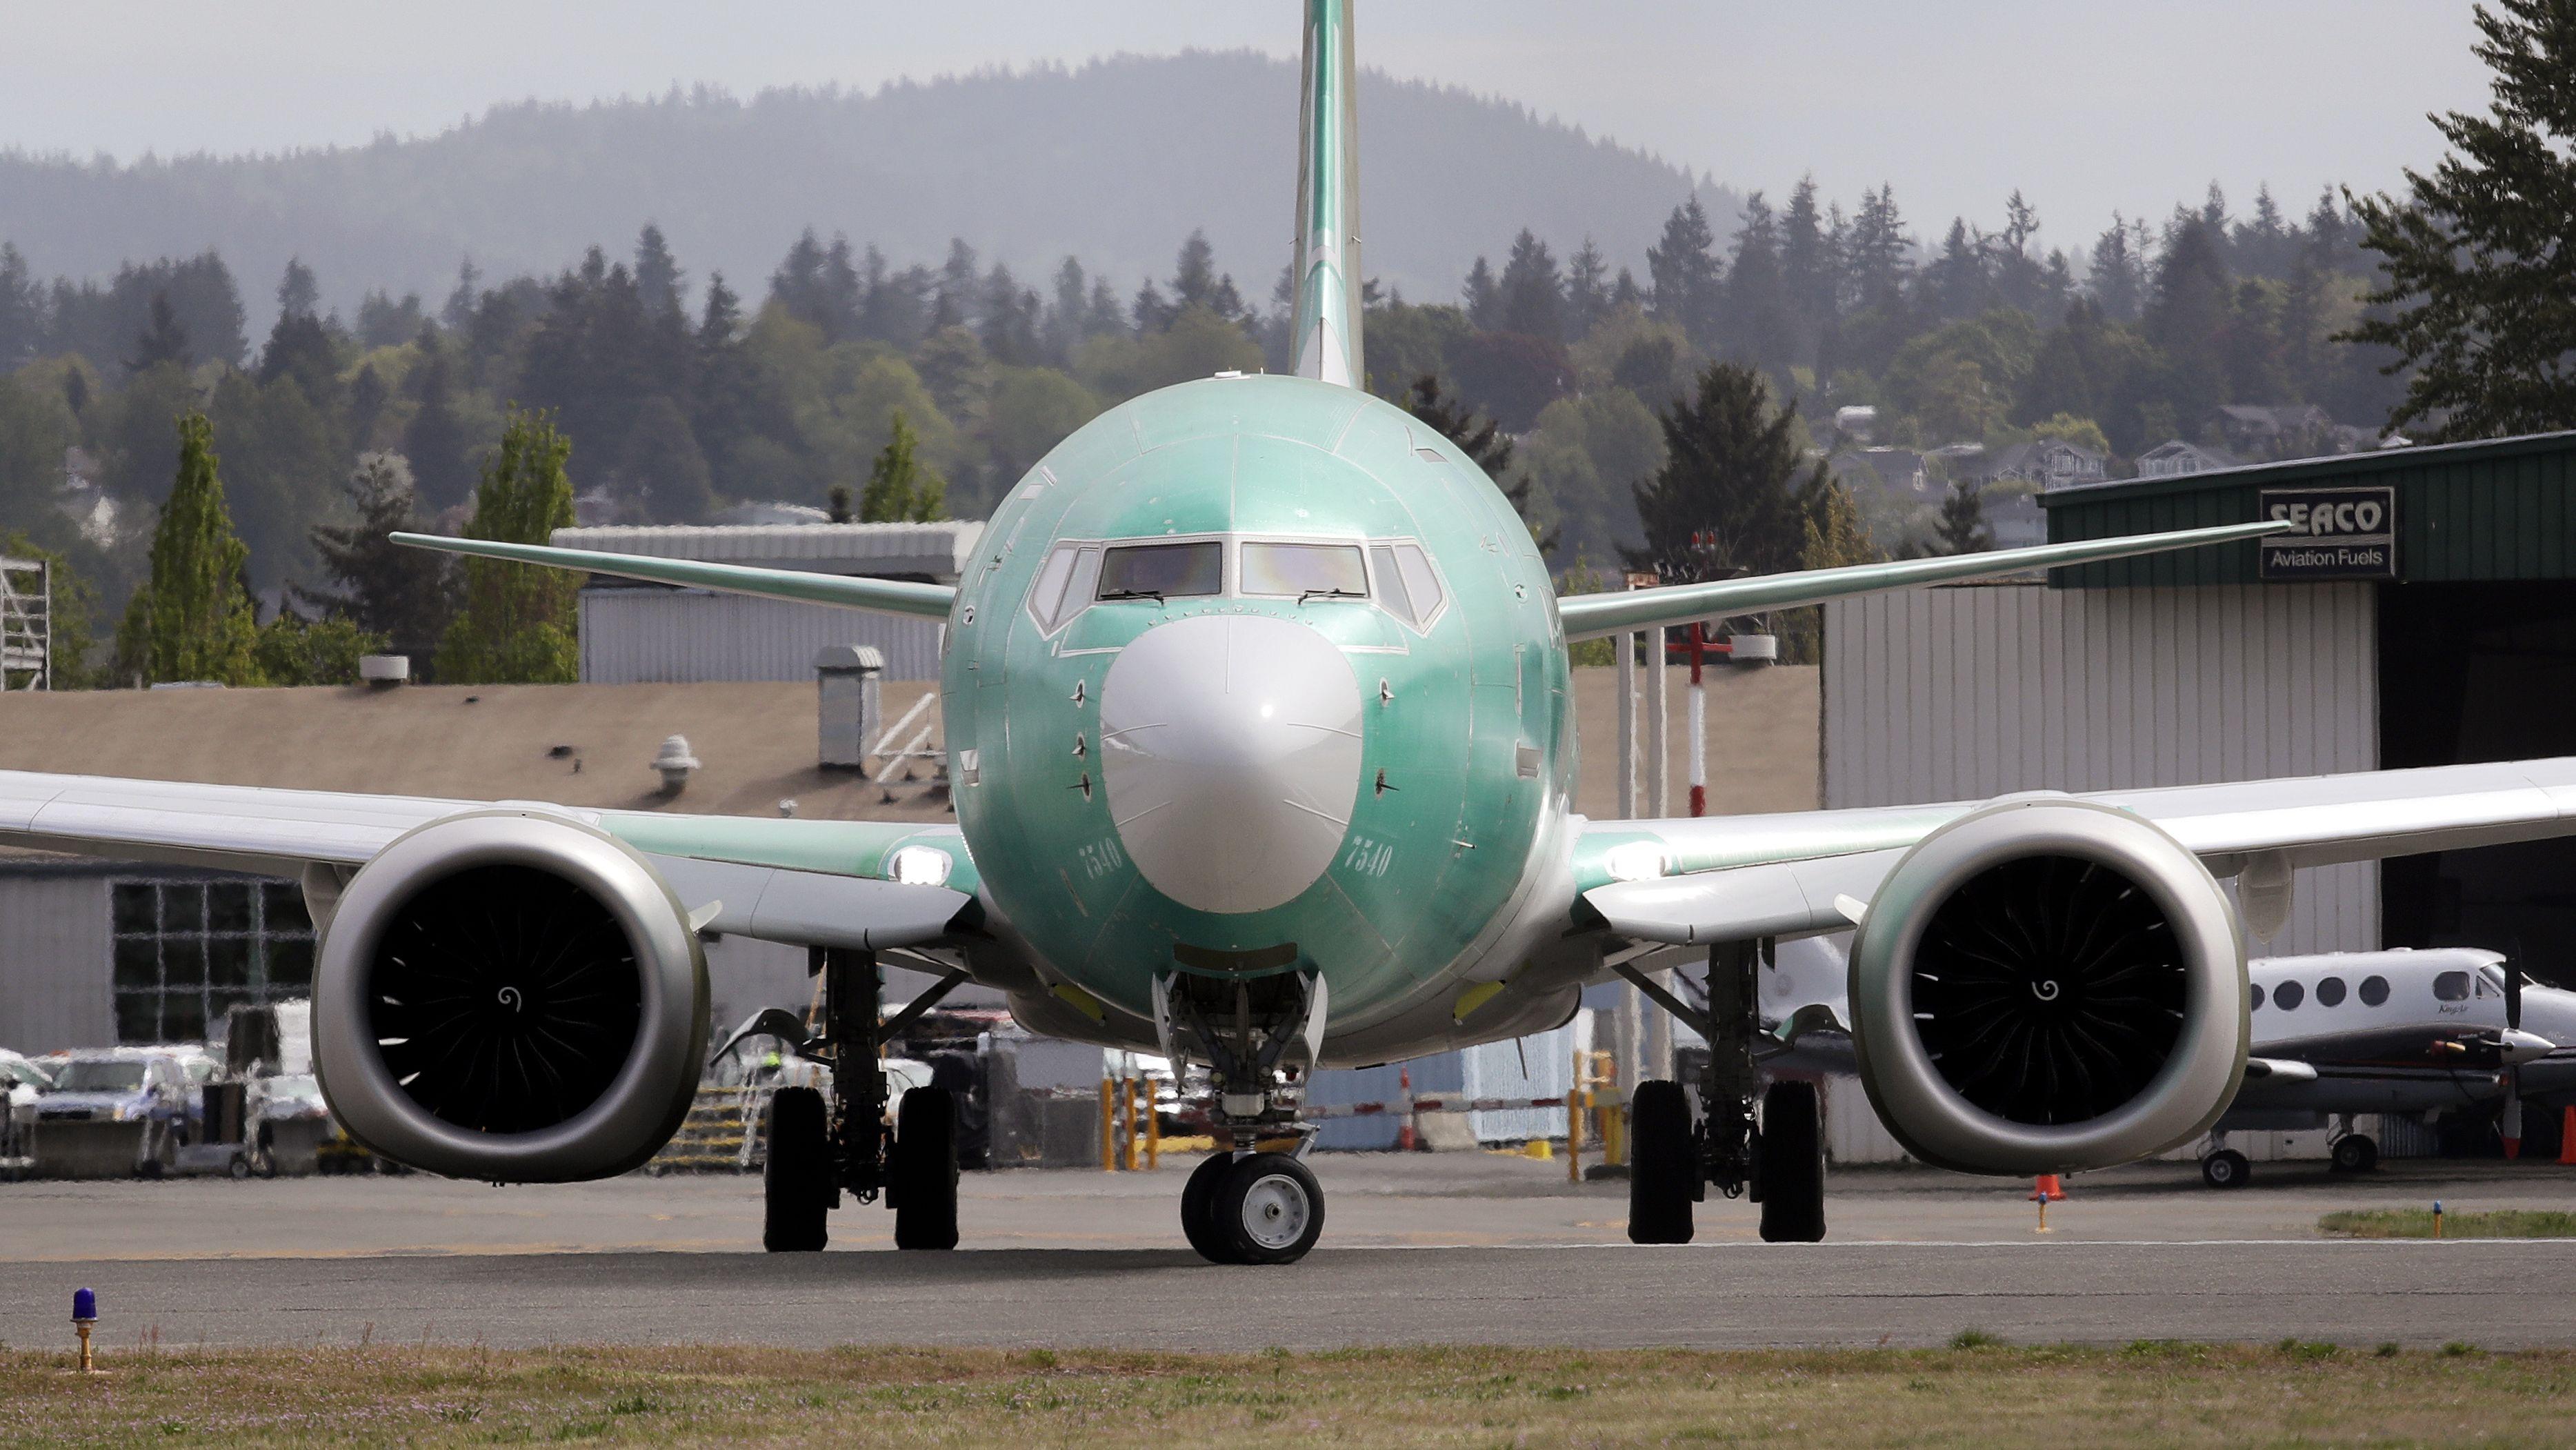 Flugzeug vom Typ Boeing 737 MAX 8